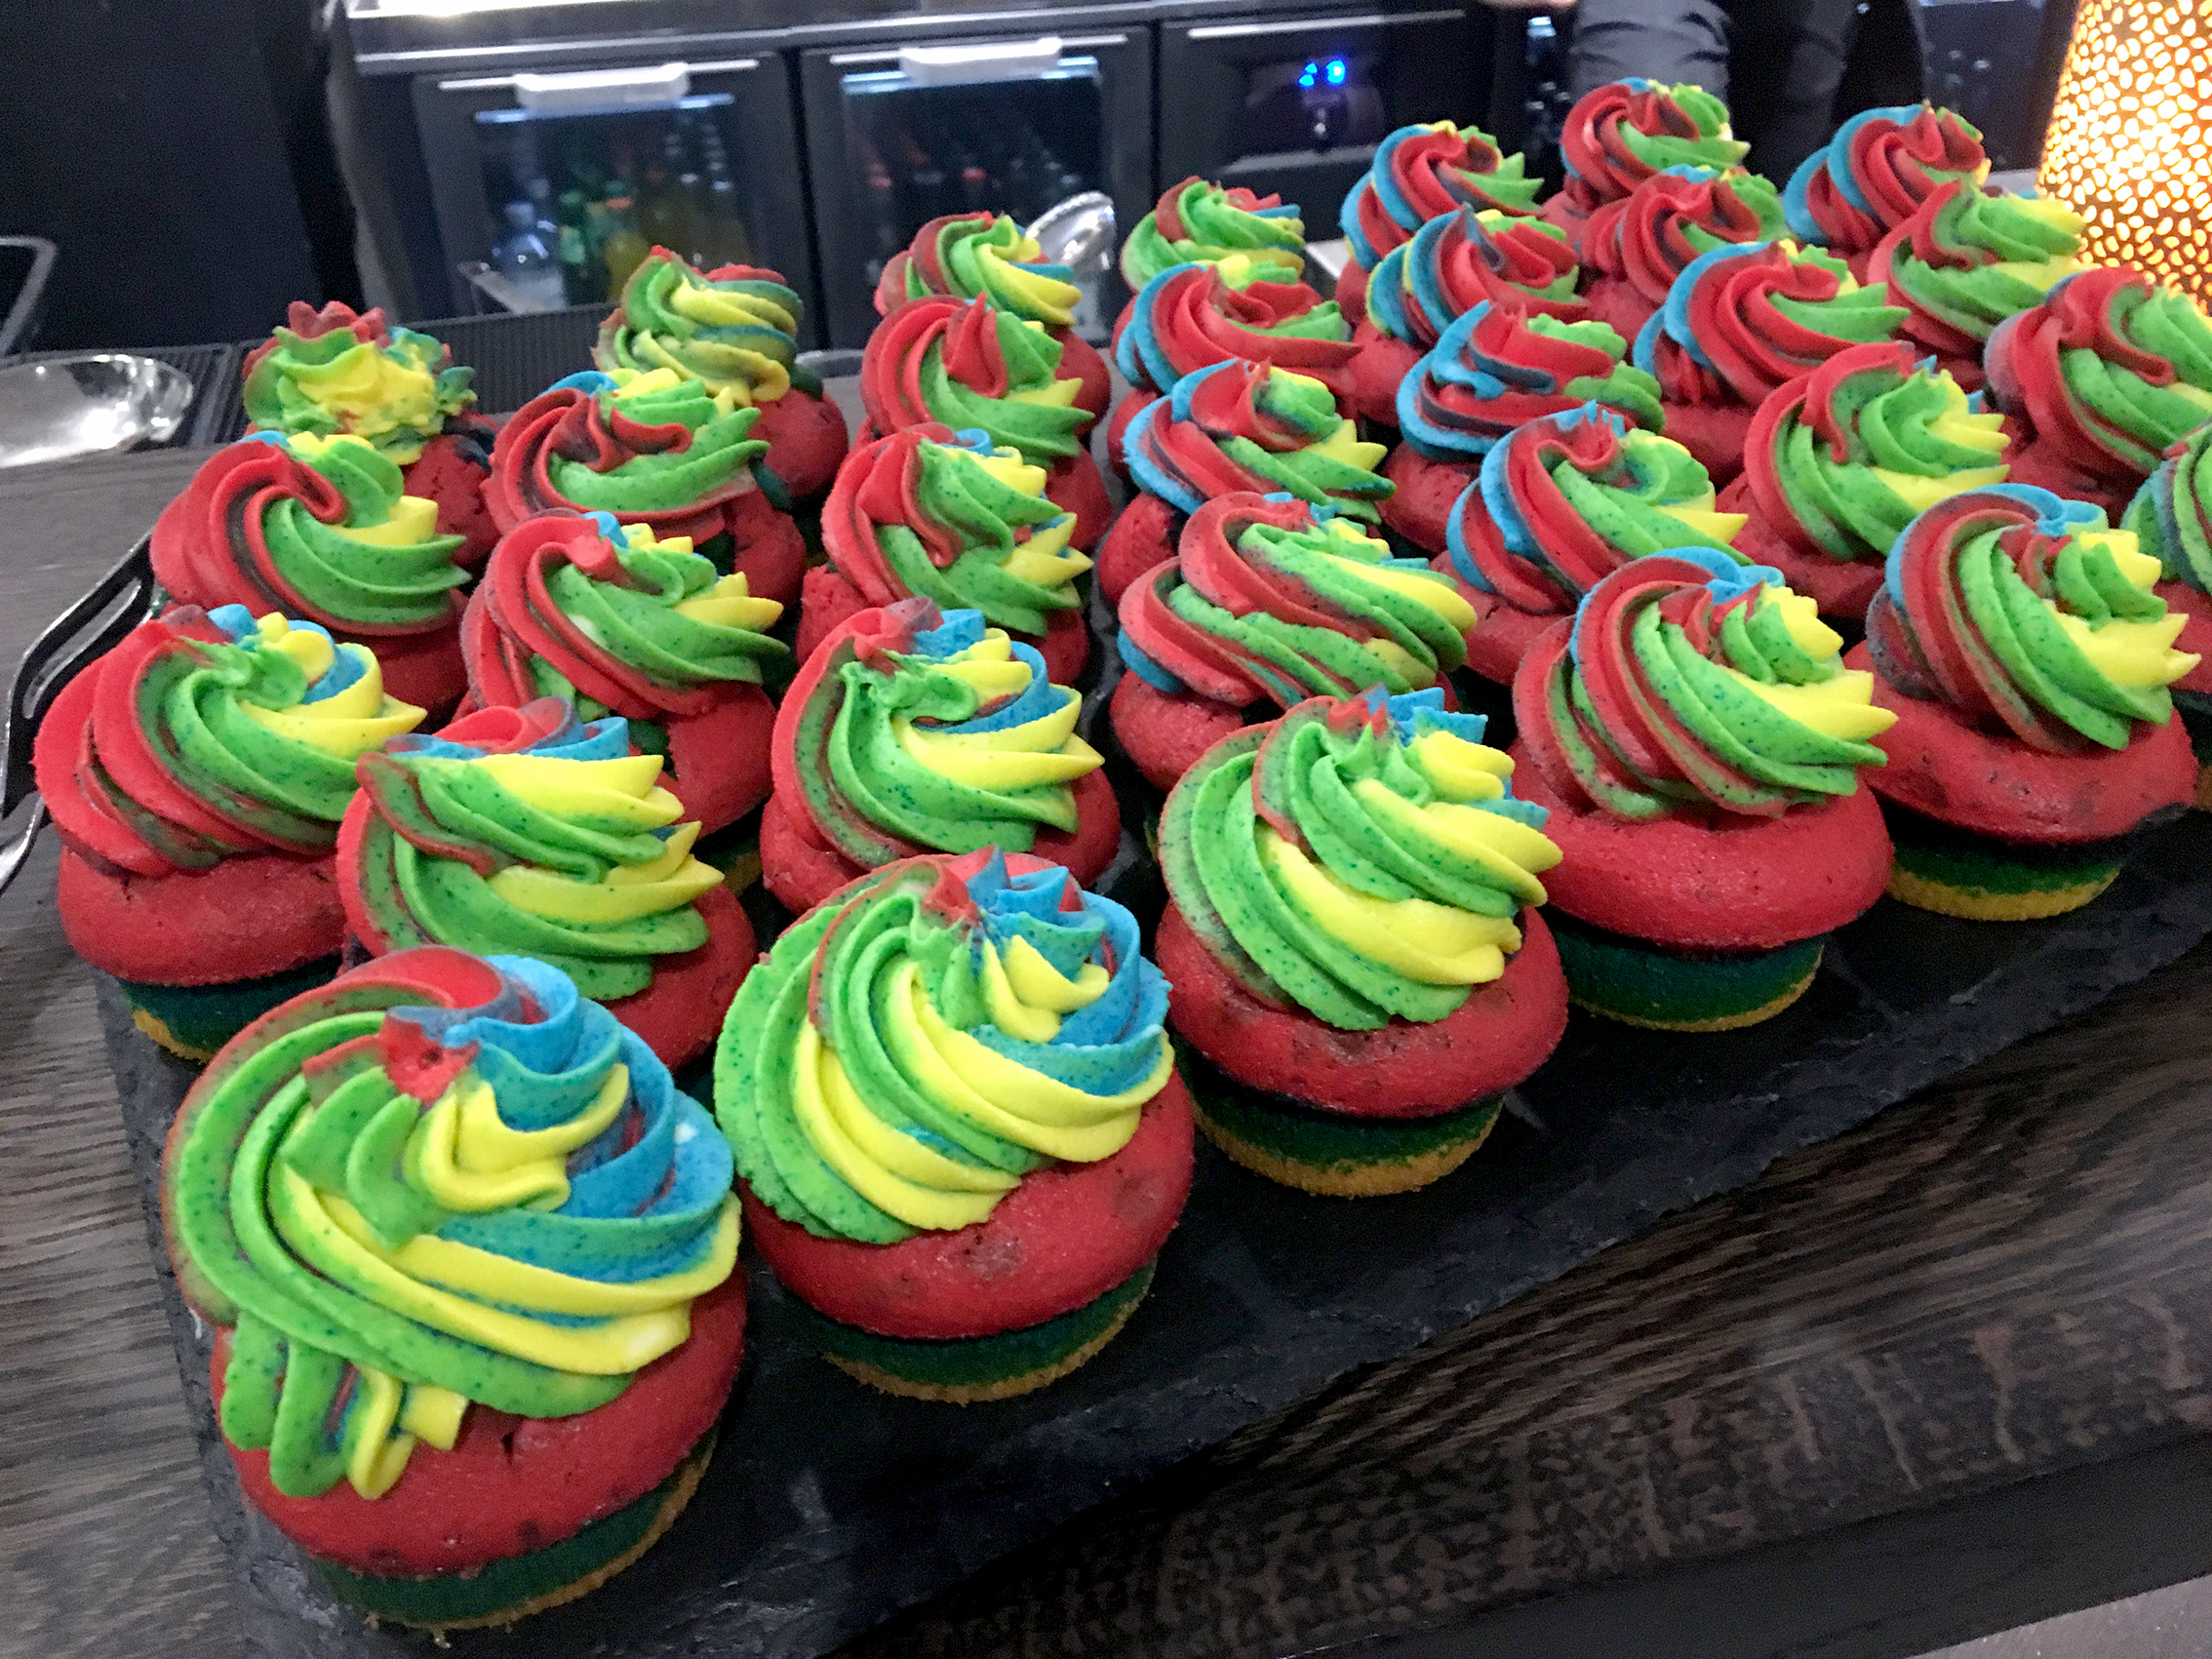 Gay cup cakes.jpg